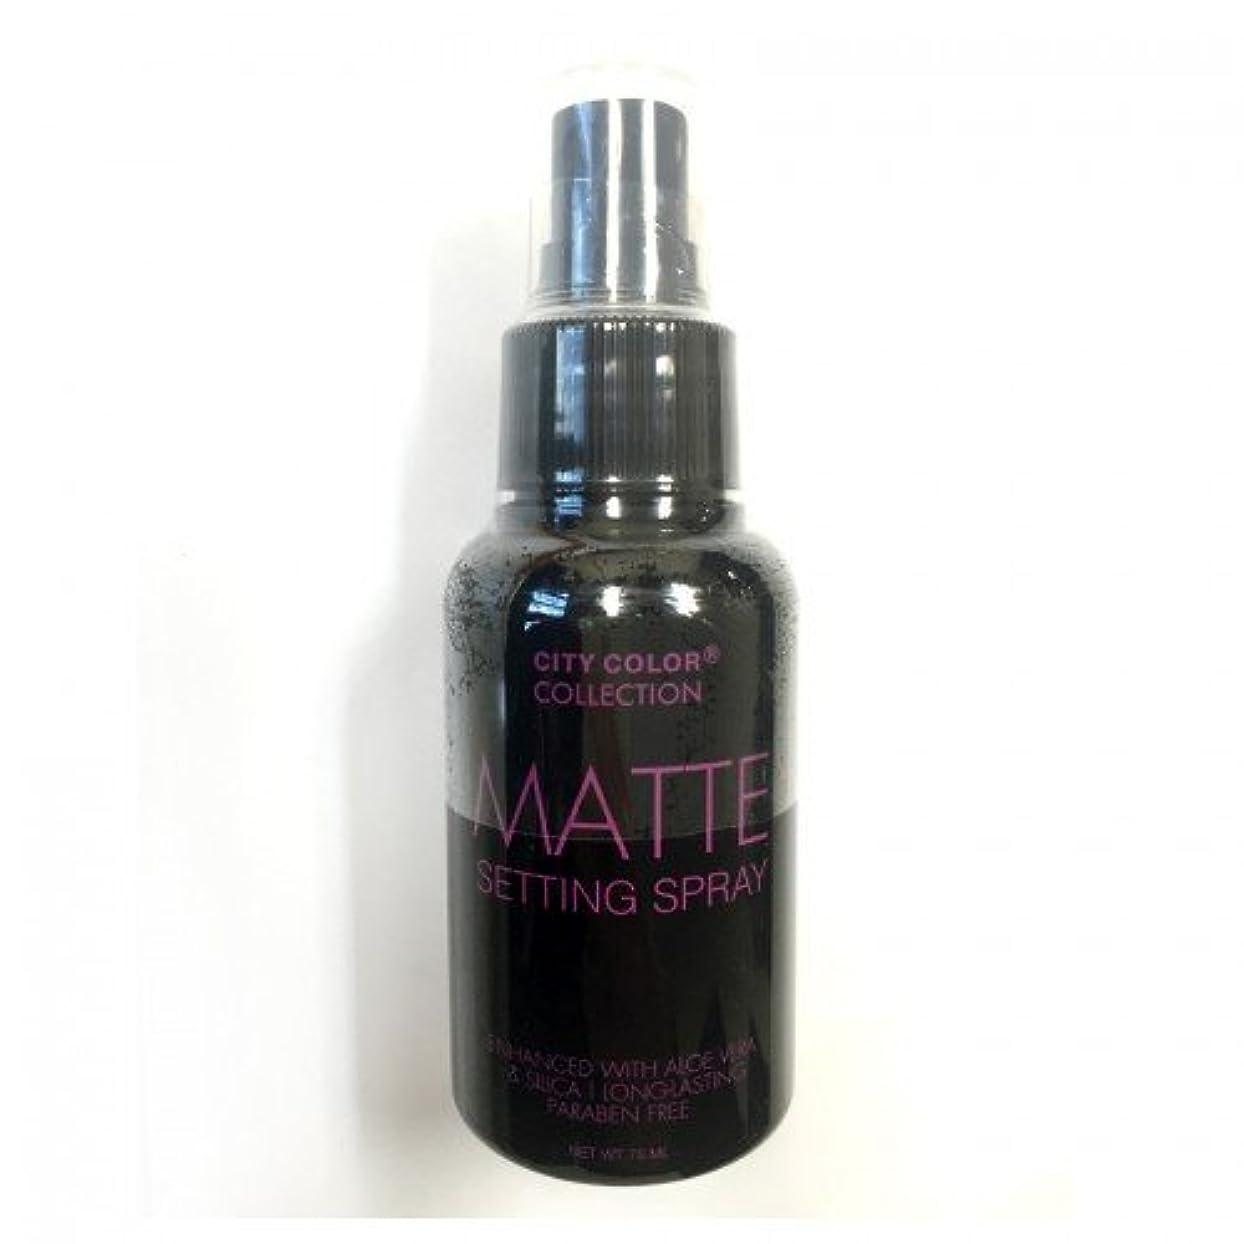 強調する追い越す白雪姫(3 Pack) CITY COLOR Matte Setting Spray (並行輸入品)